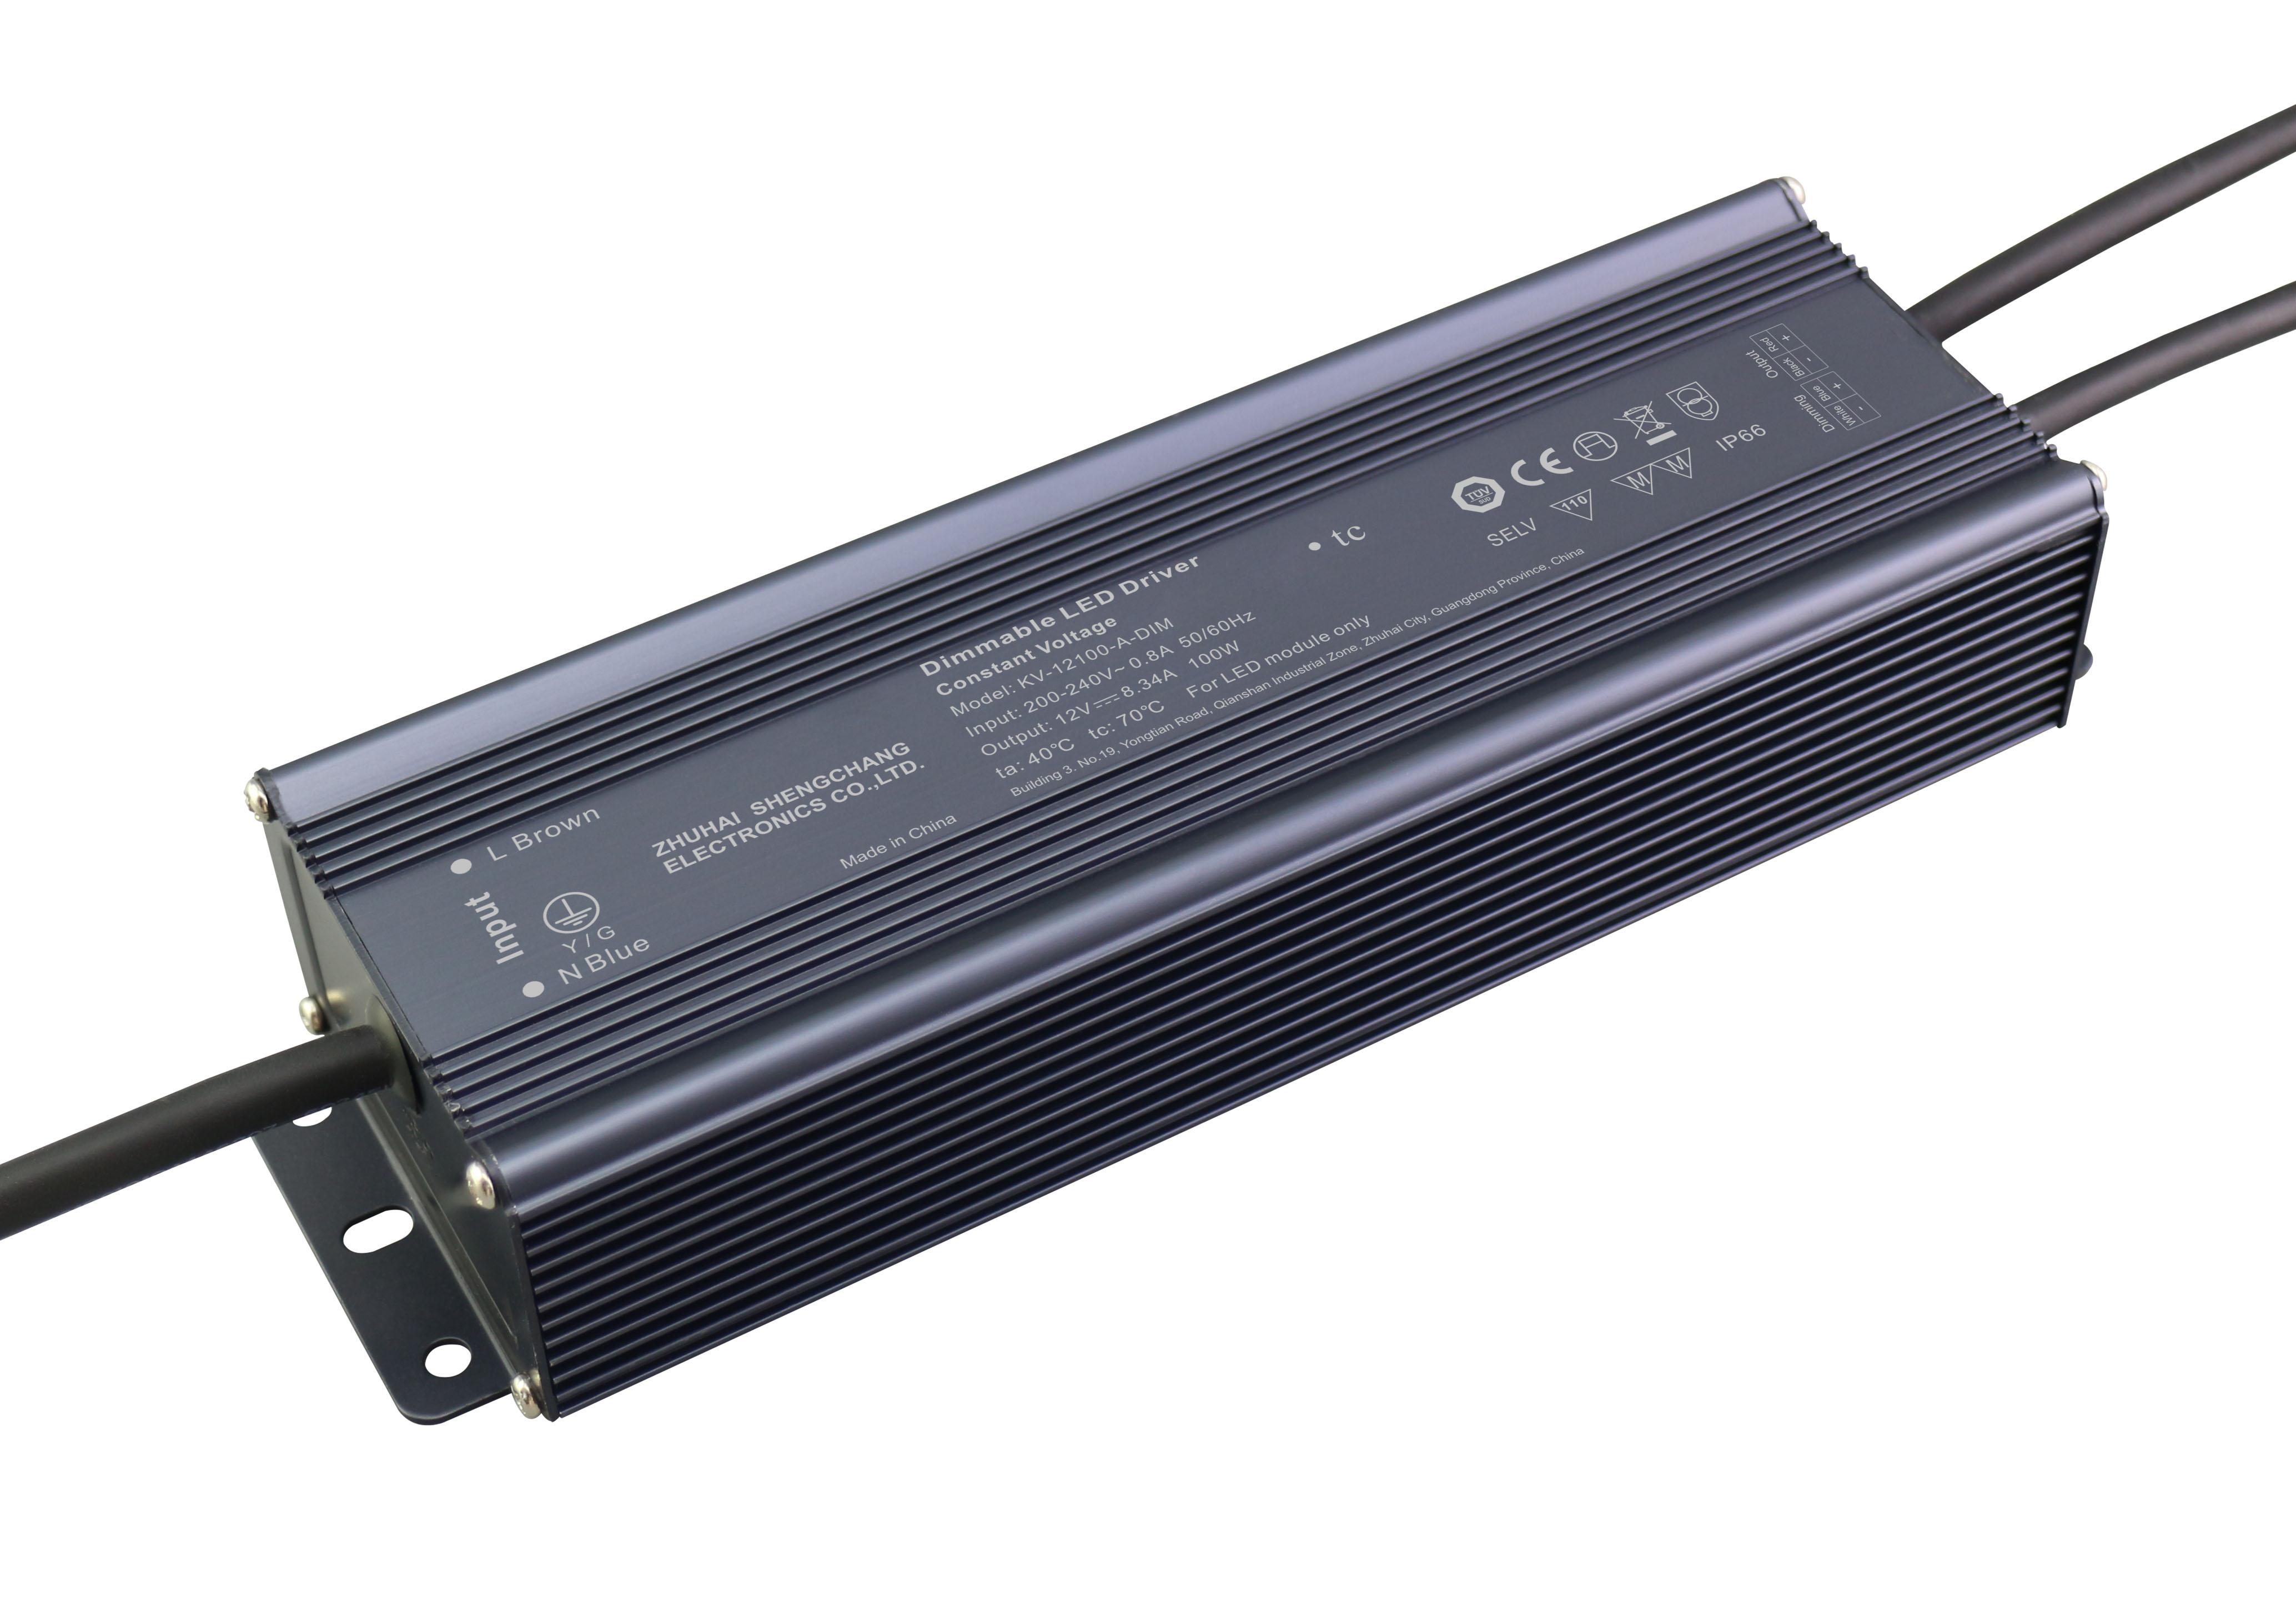 100W /1-10V 恒压调光W 12V/24V 0/1-10V 调光电源